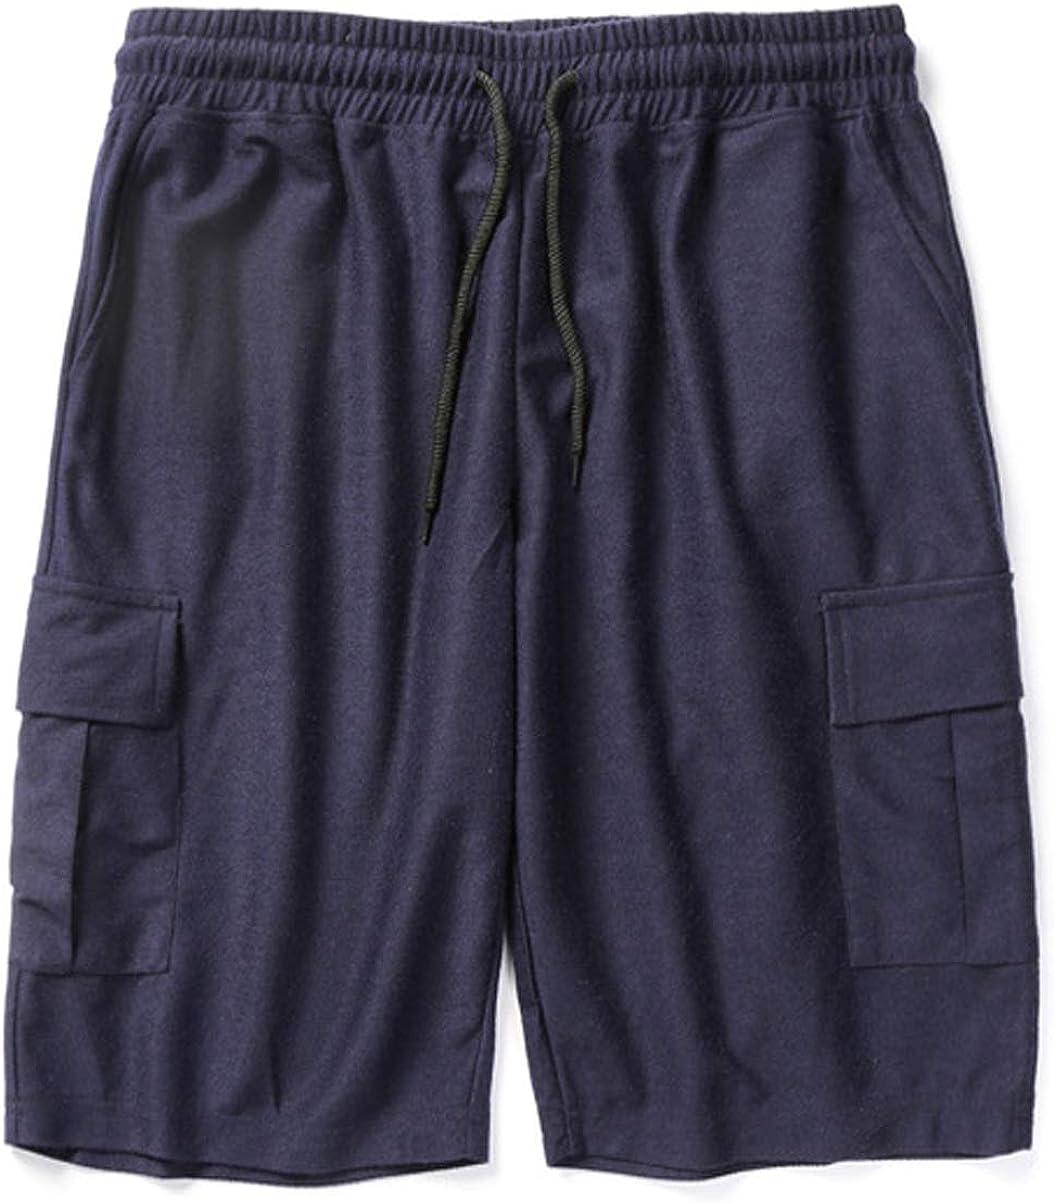 chouyatou Men's Active Drawstring Waist Loose Fit Multi-Pocket SweatShorts Sport Cargo Shorts